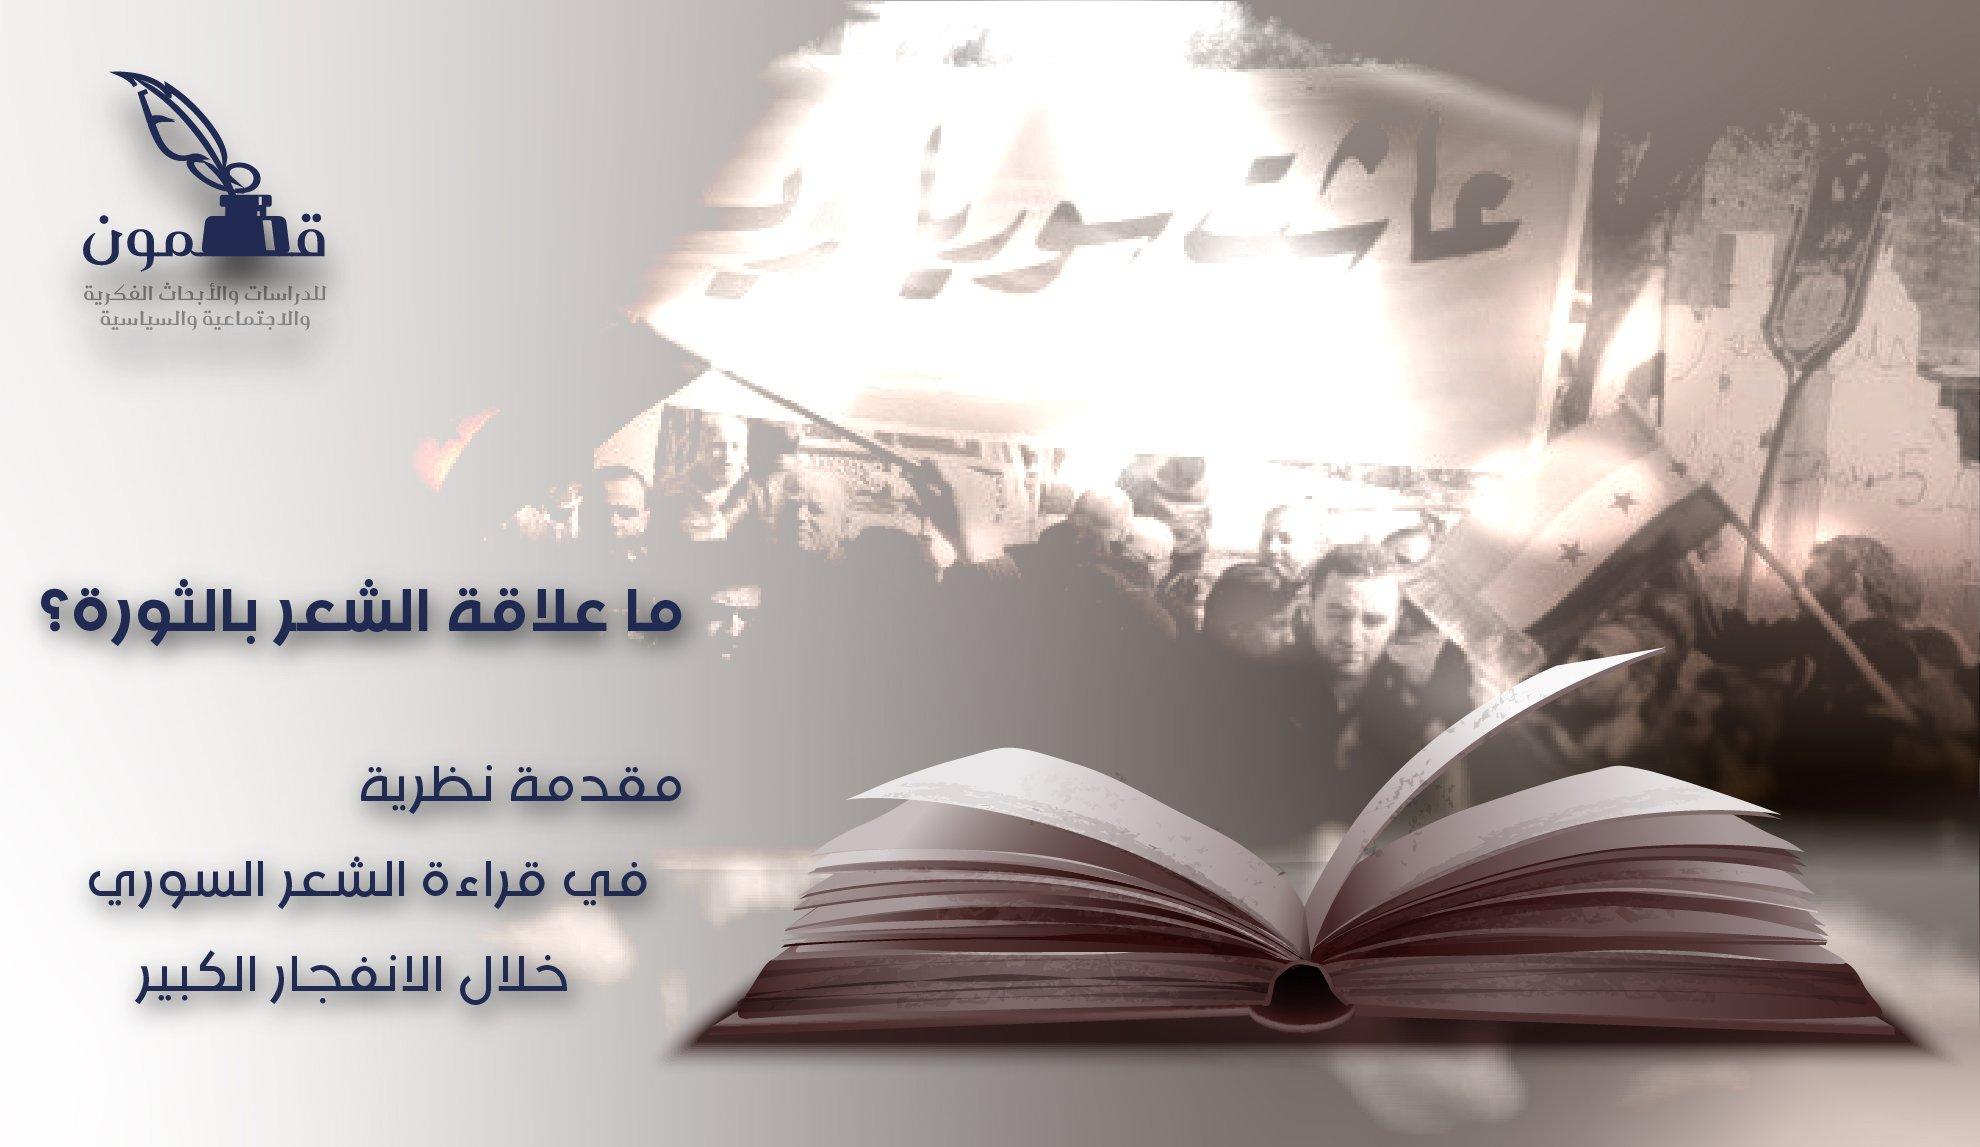 ما علاقة الشعر بالثورة؟ مقدمة في قراءة الشعر السوري خلال الانفجار الكبير